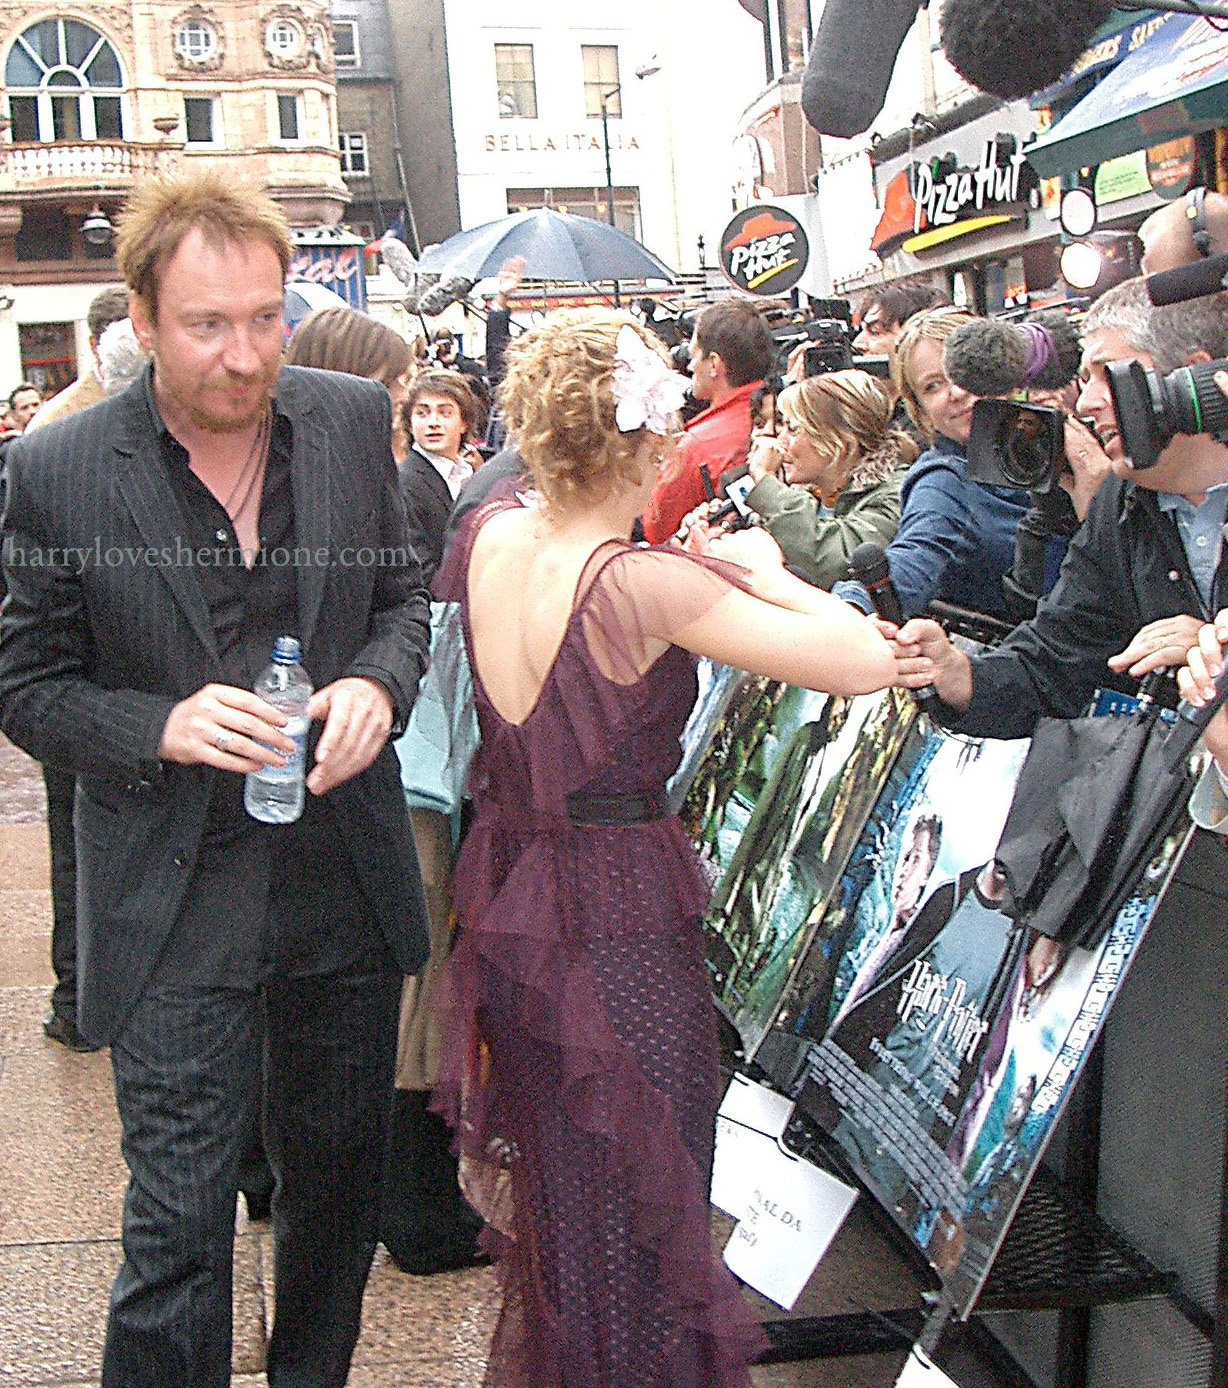 Thewlis, David & Watson, Emma | poalondon ... Emma Stone Movies